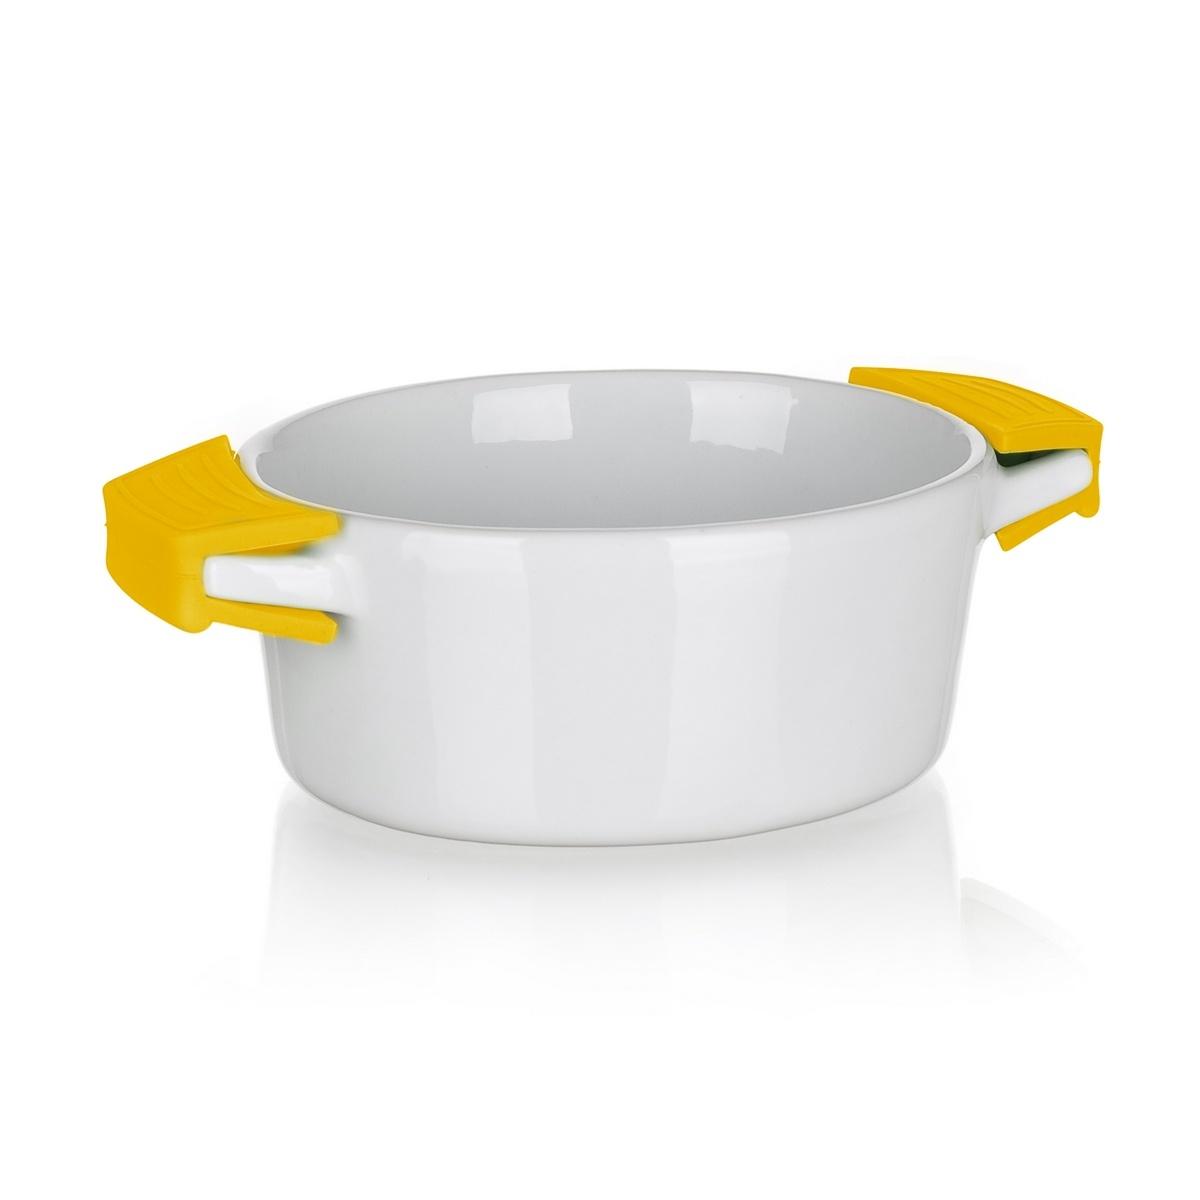 BANQUET Miska zapekací oválná COLOR PLUS Yellow 15 x 9,7 cm